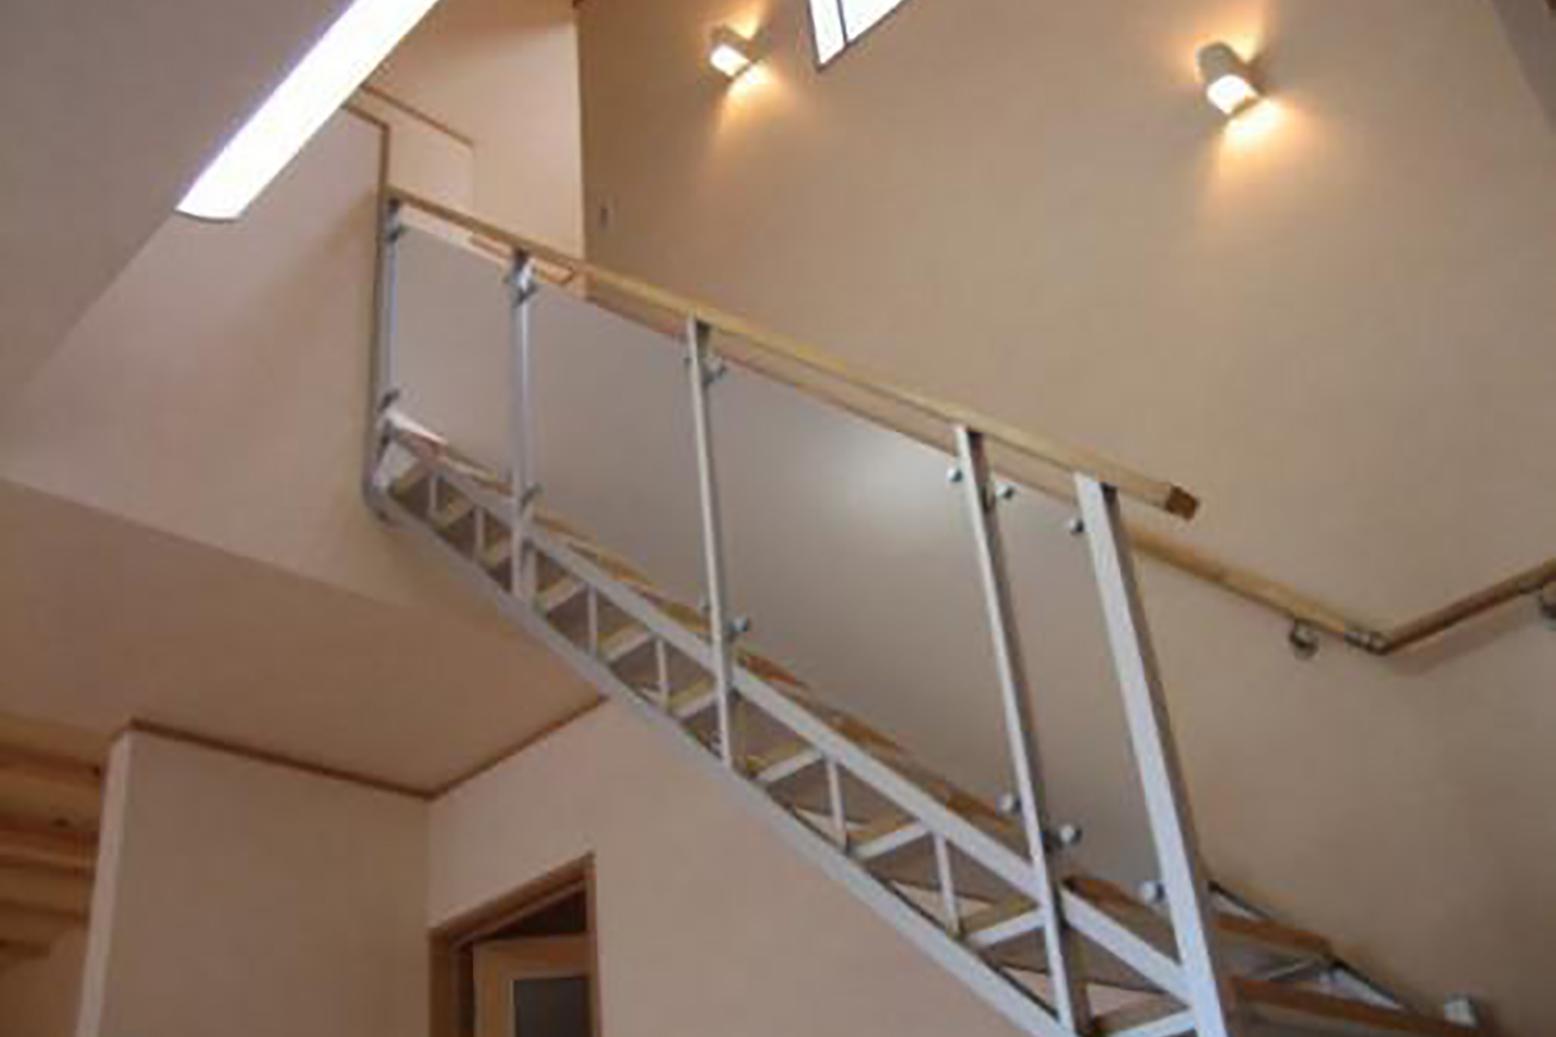 オシャレな【アルミ階段】! 階段付近は吹き抜けになってます!